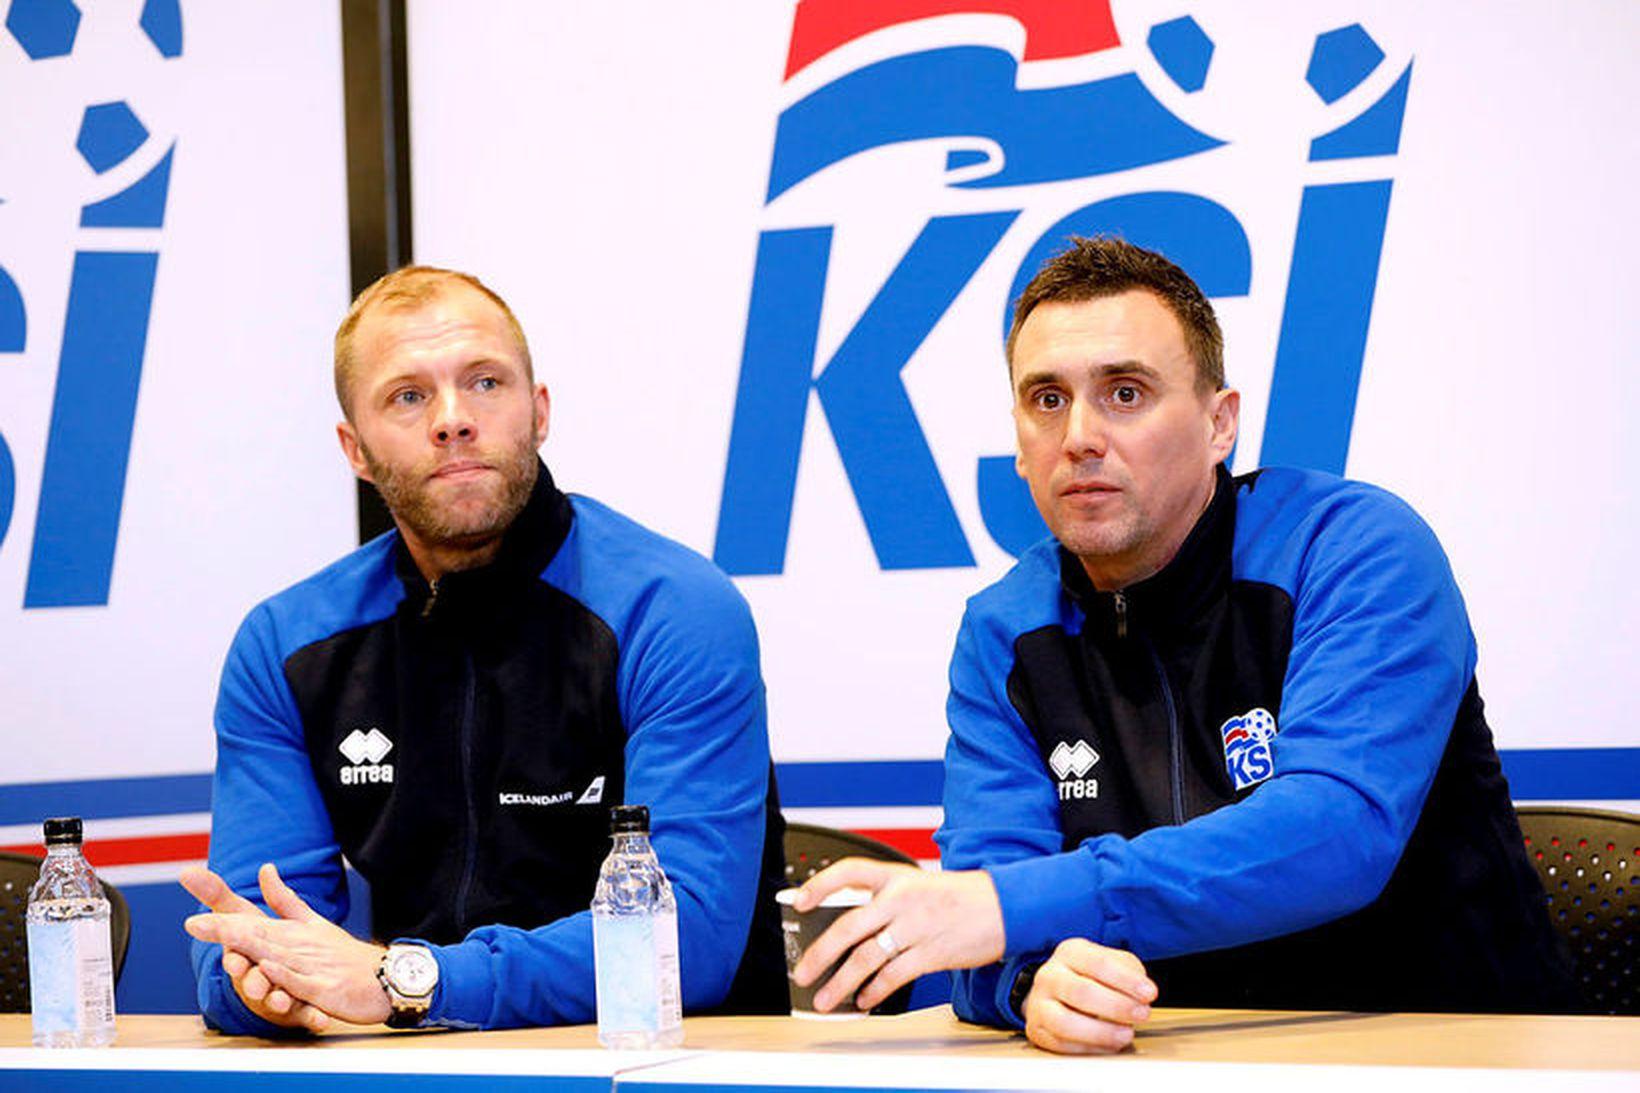 Eiður Smári Guðjohnsen og Arnar Þór Viðarsson stýra 21-árs landsliðinu.